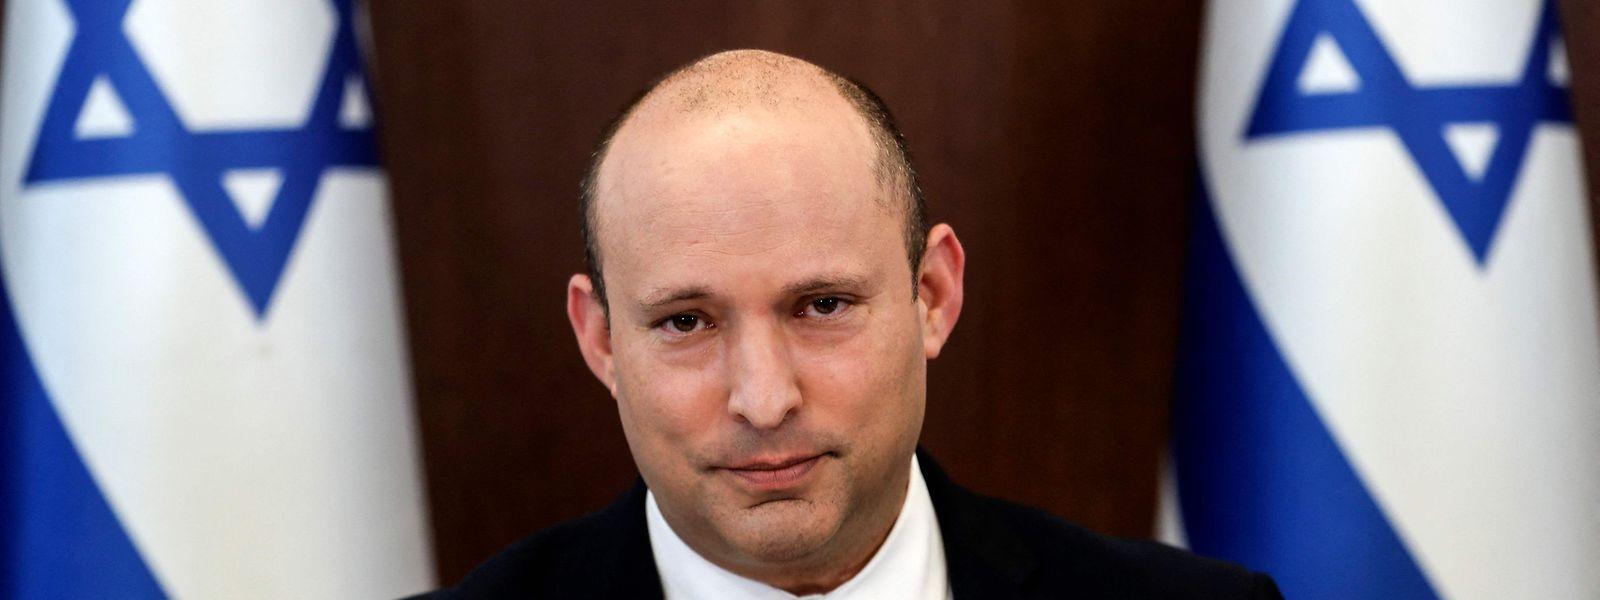 """Israels Premierminister Naftali Bennett will trotz steigender Infektionszahlen einen weiteren harten Lockdown vermeiden und spricht von """"sanfter Unterdrückung""""."""